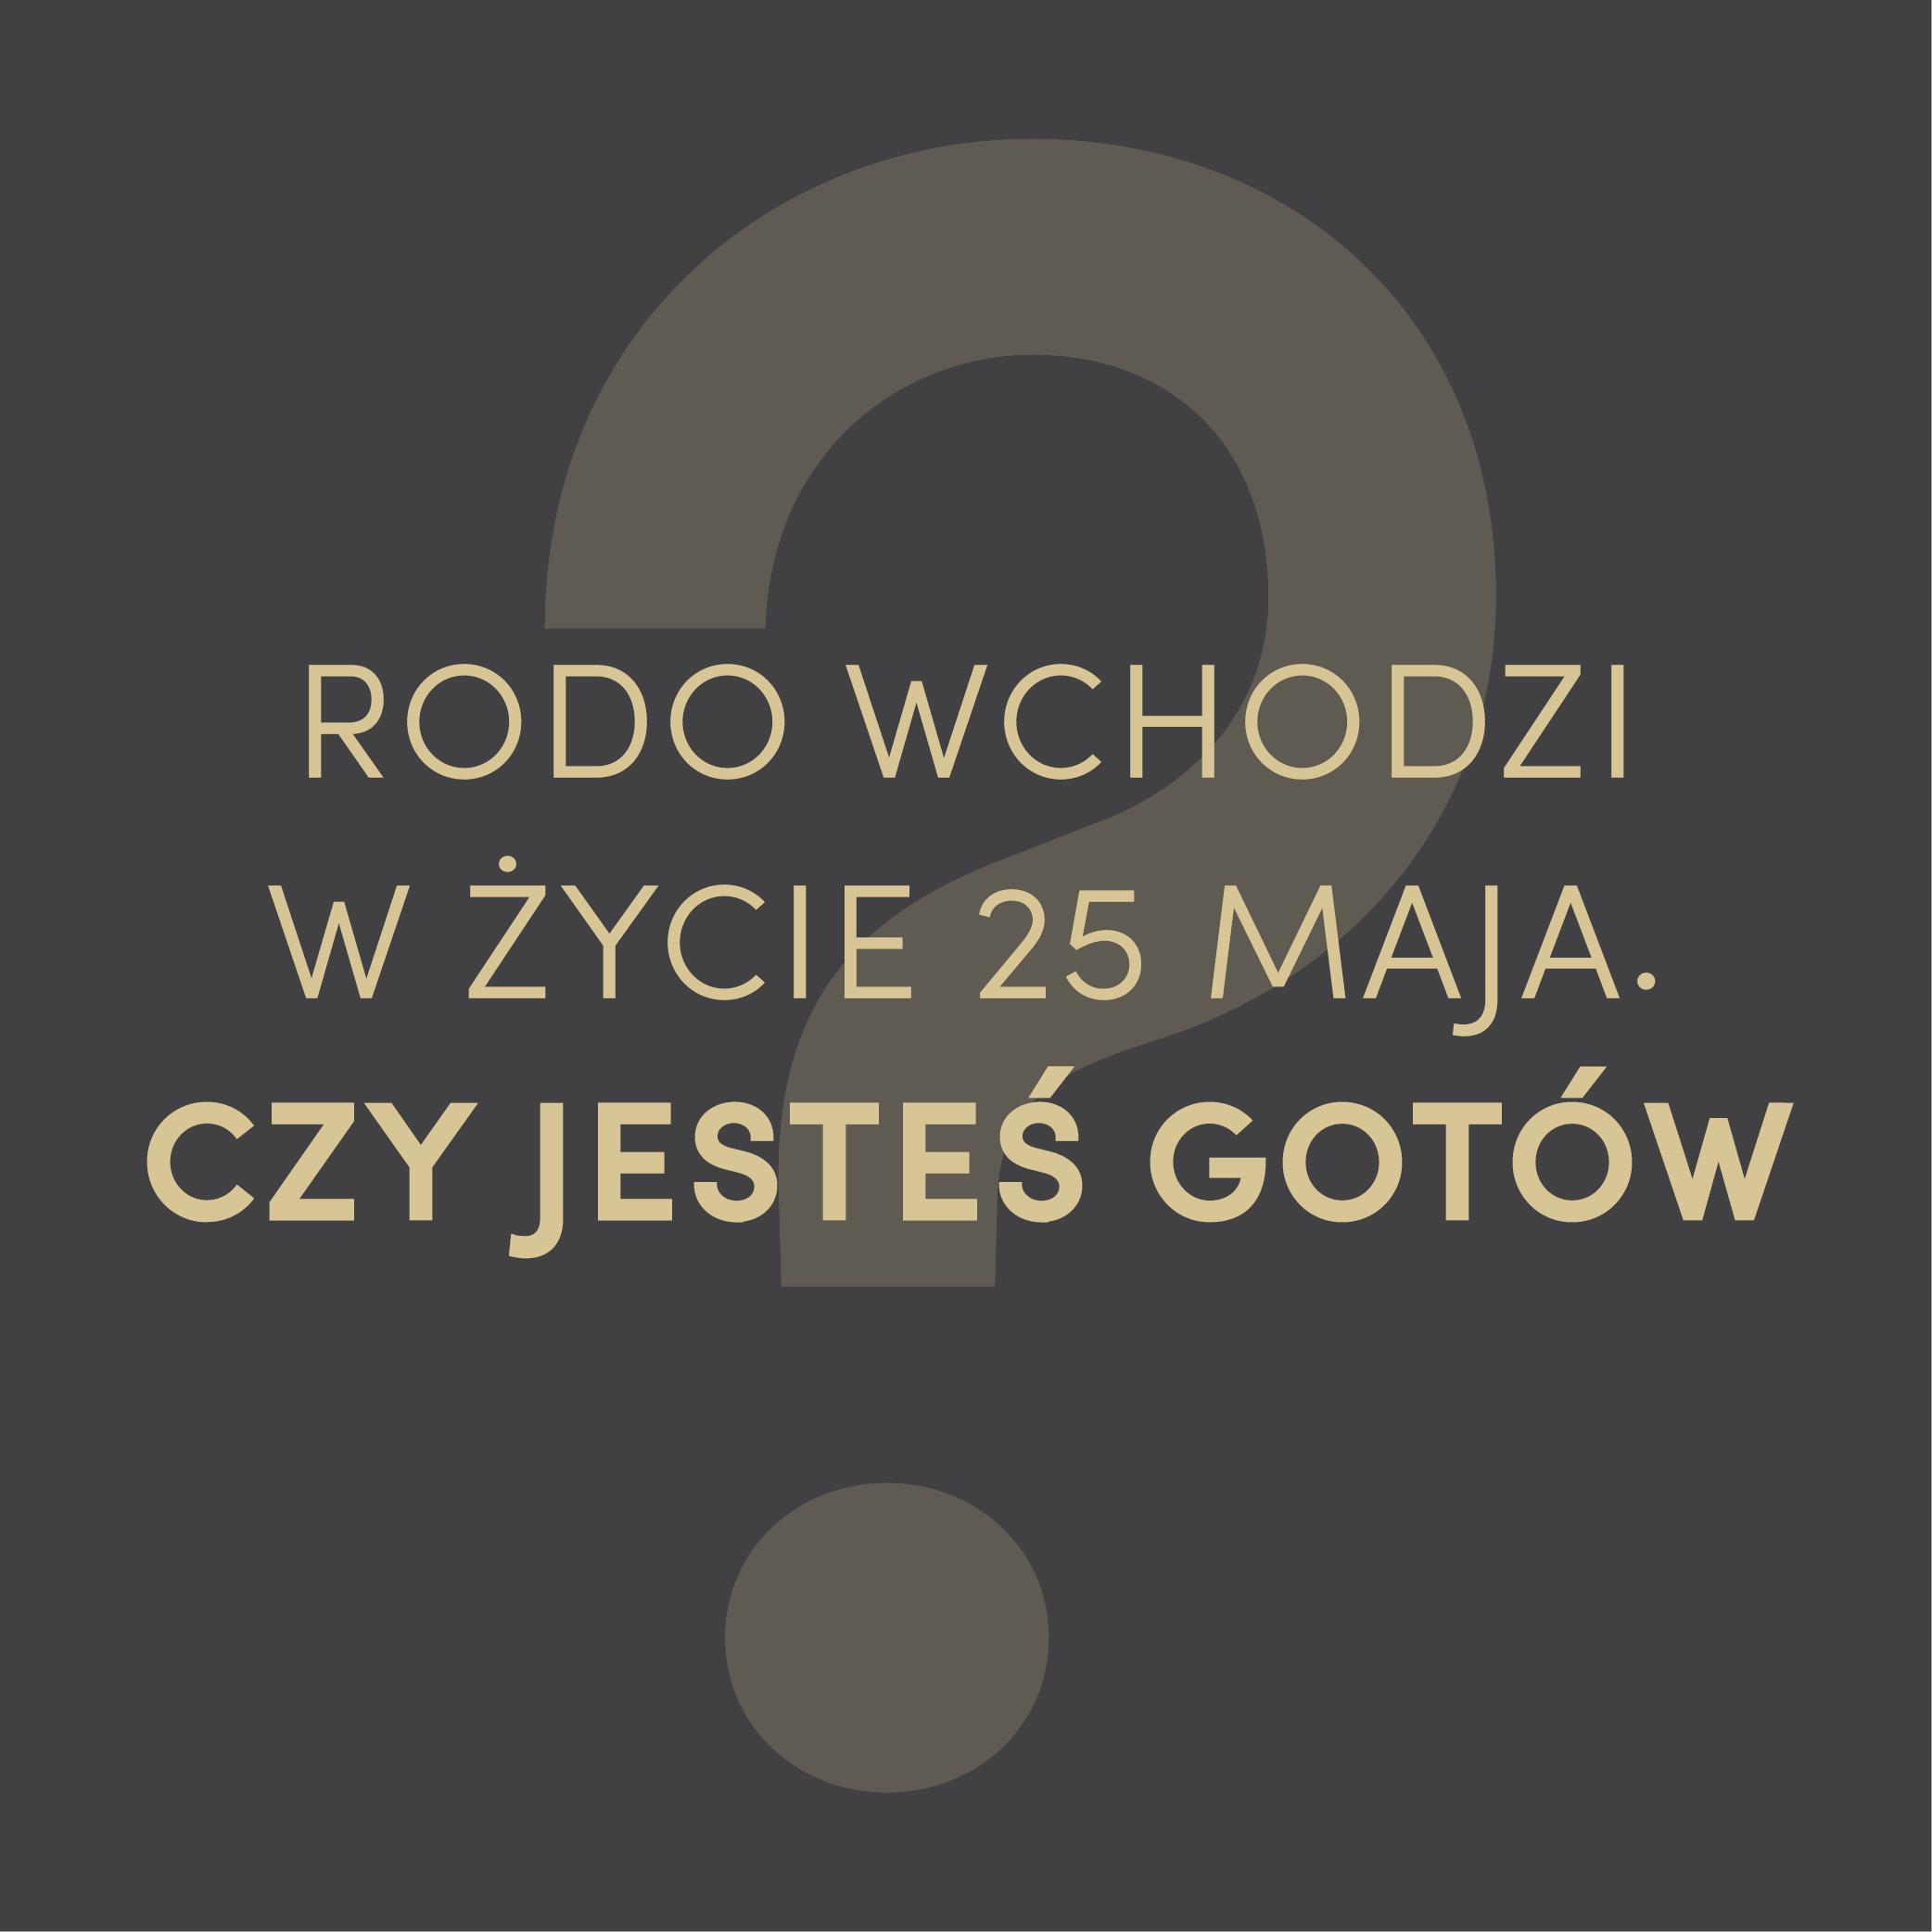 Kols Pl Witold Masionek W Dgp O Braku Polskich Przepisow